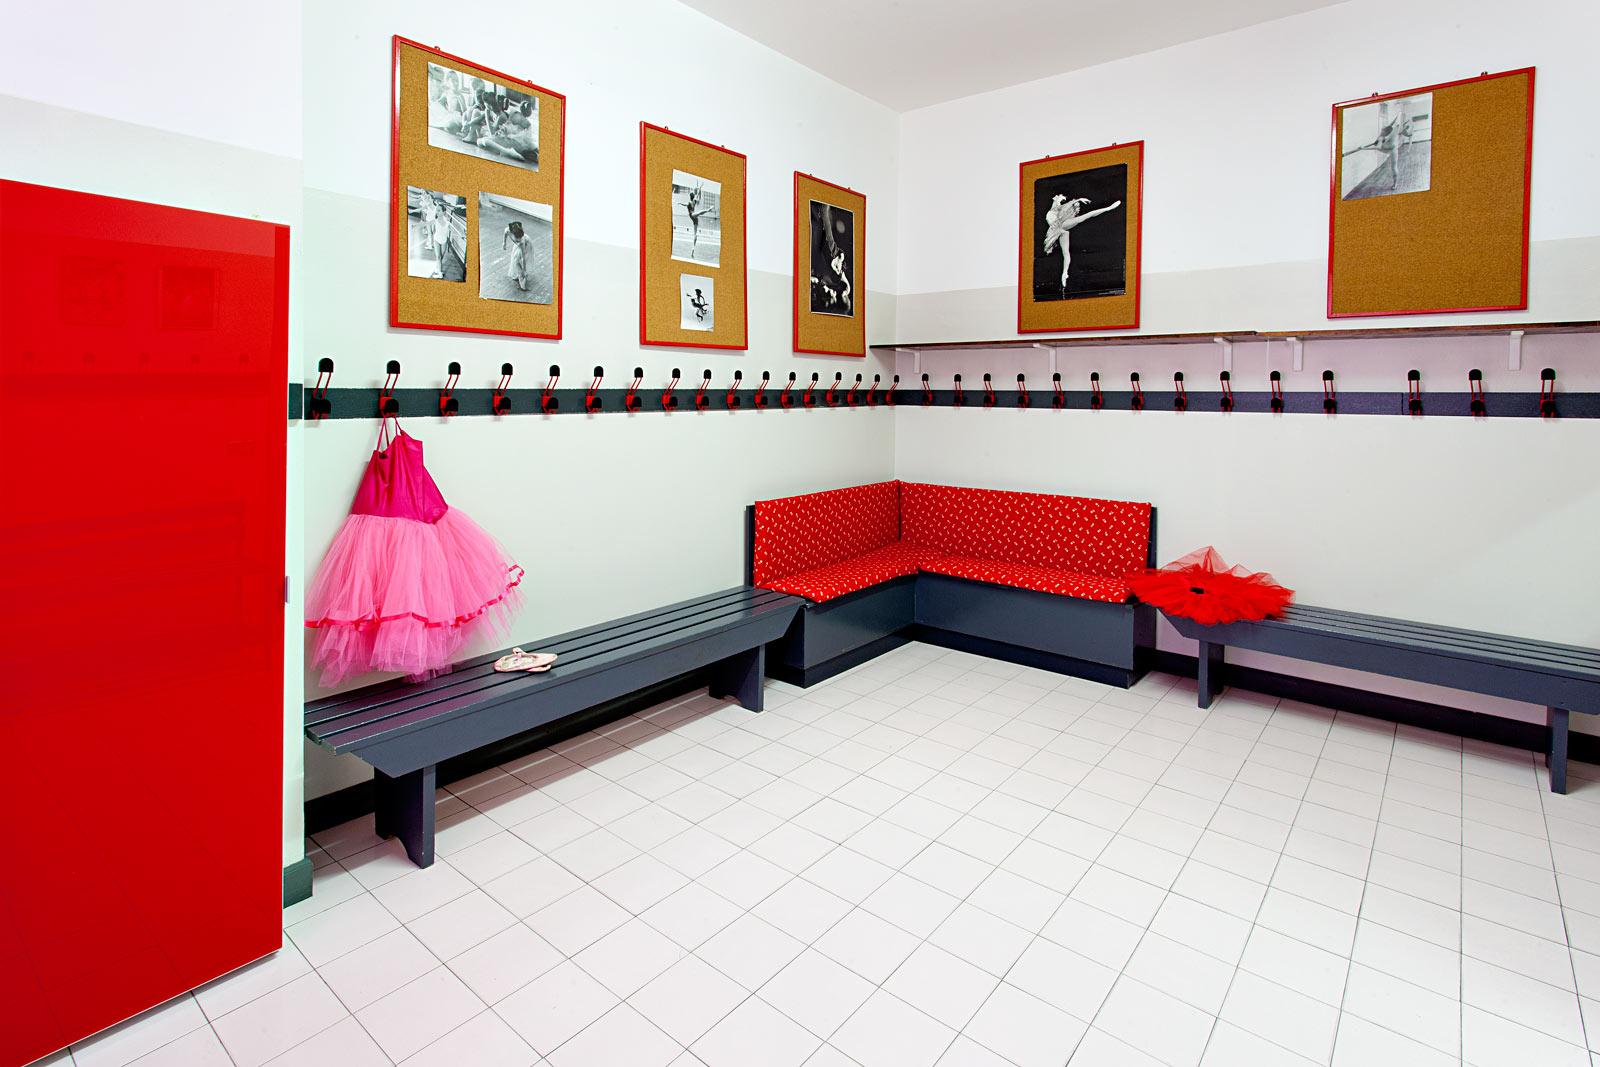 Accademia Arte Bergamo - Segreteria ed accoglienza